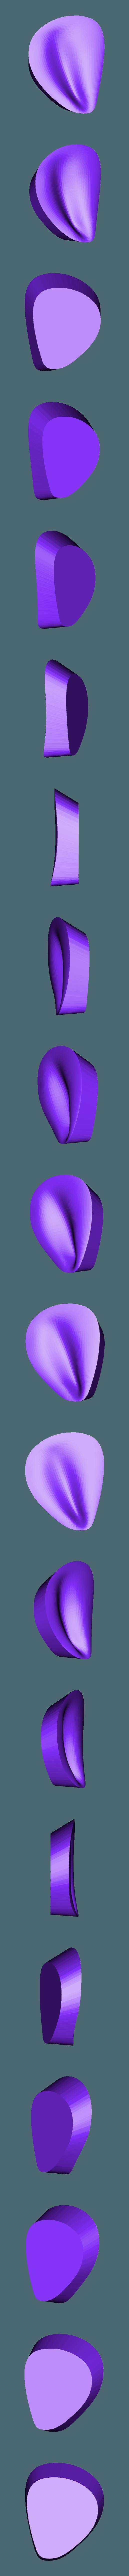 ear_left.stl Télécharger fichier STL gratuit Bébé Chat Potté • Objet à imprimer en 3D, reddadsteve